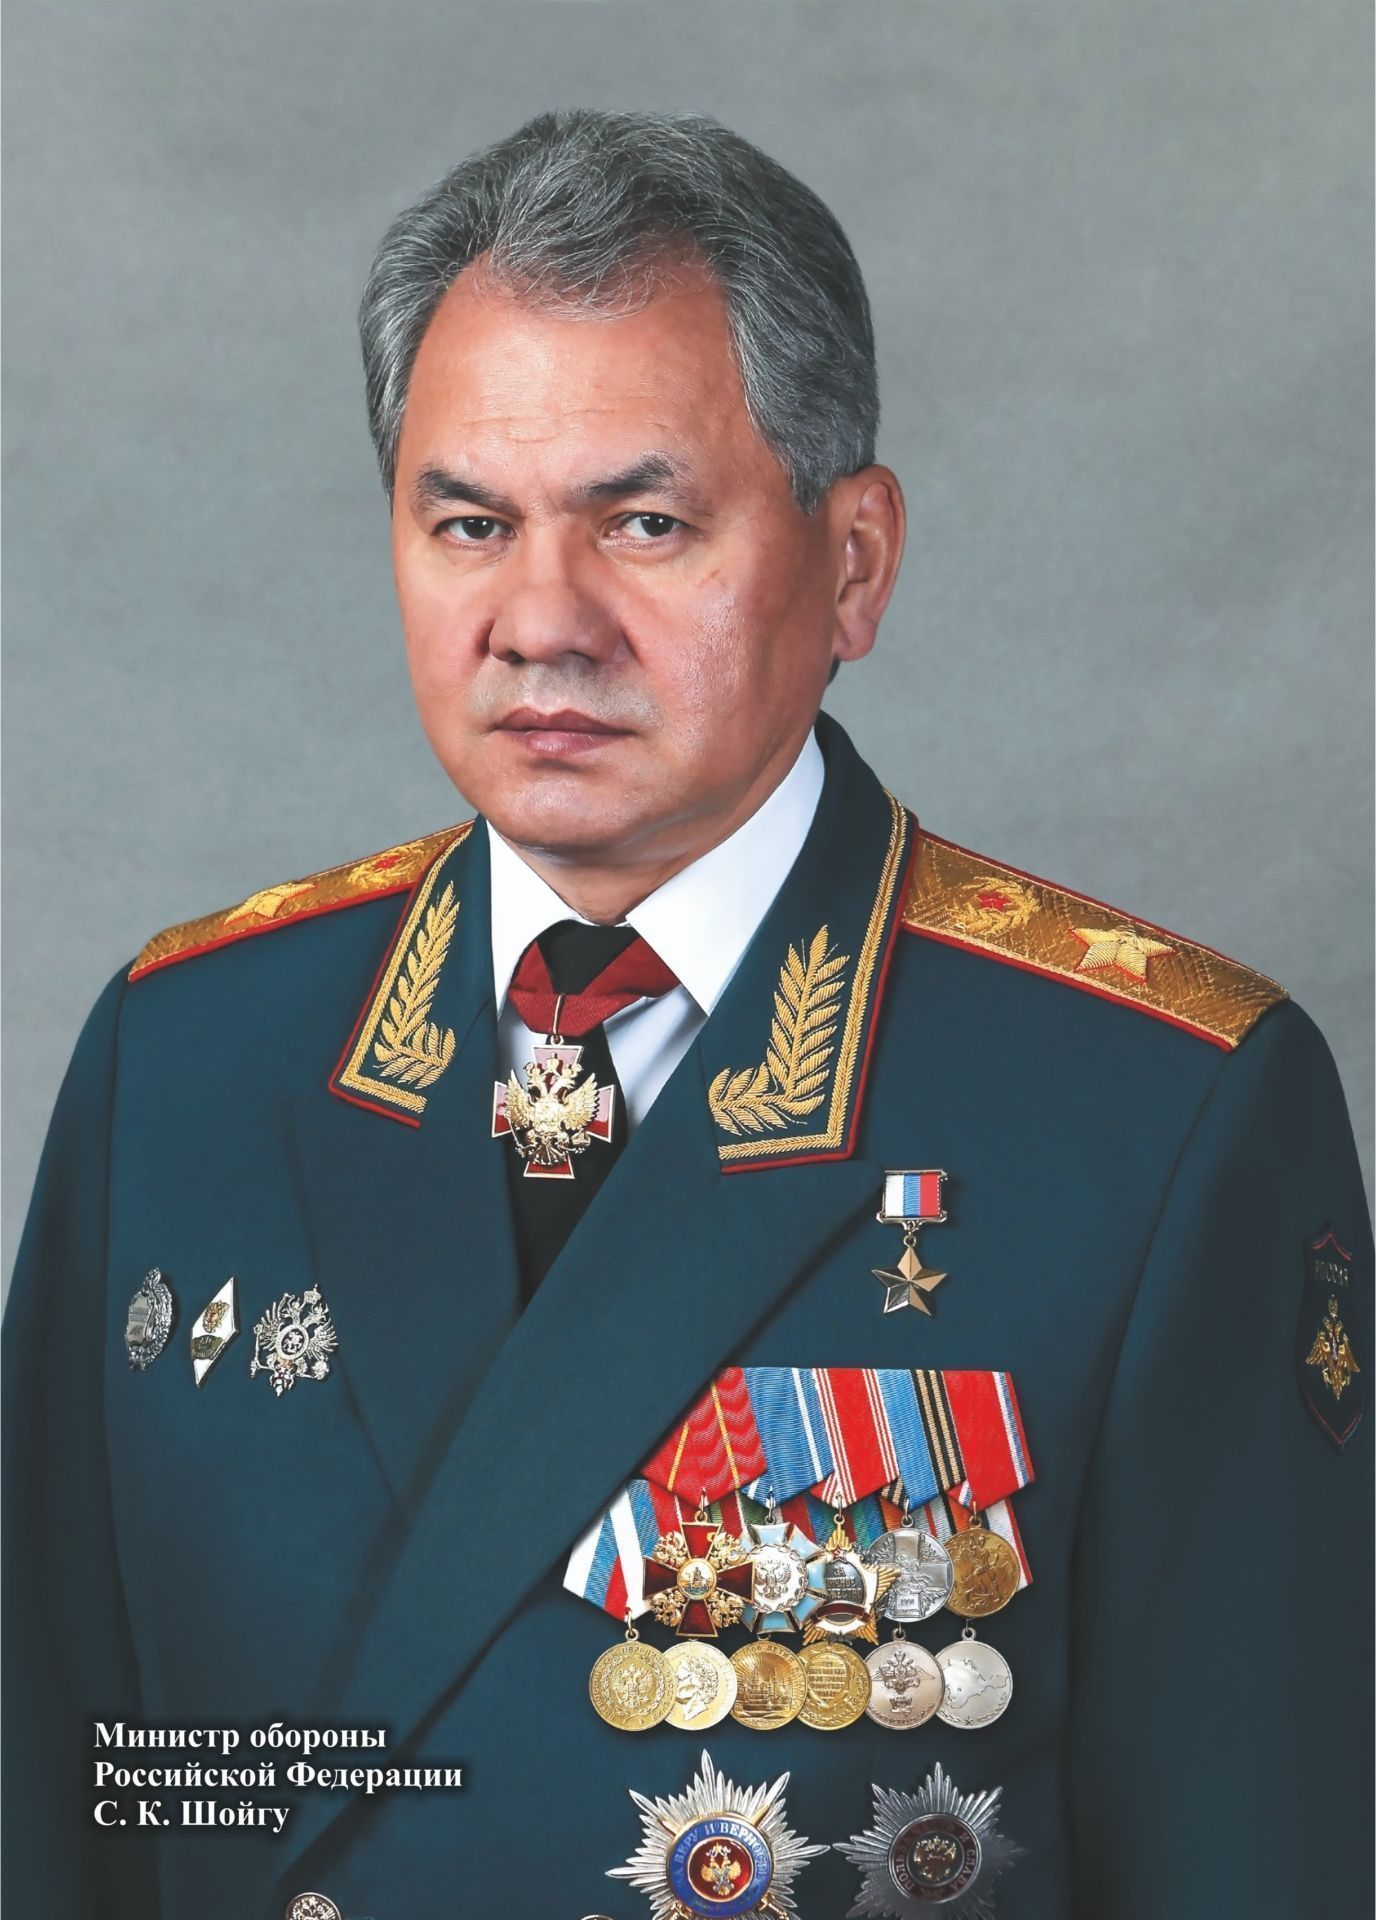 Портрет министра обороны РФ С. К. Шойгу